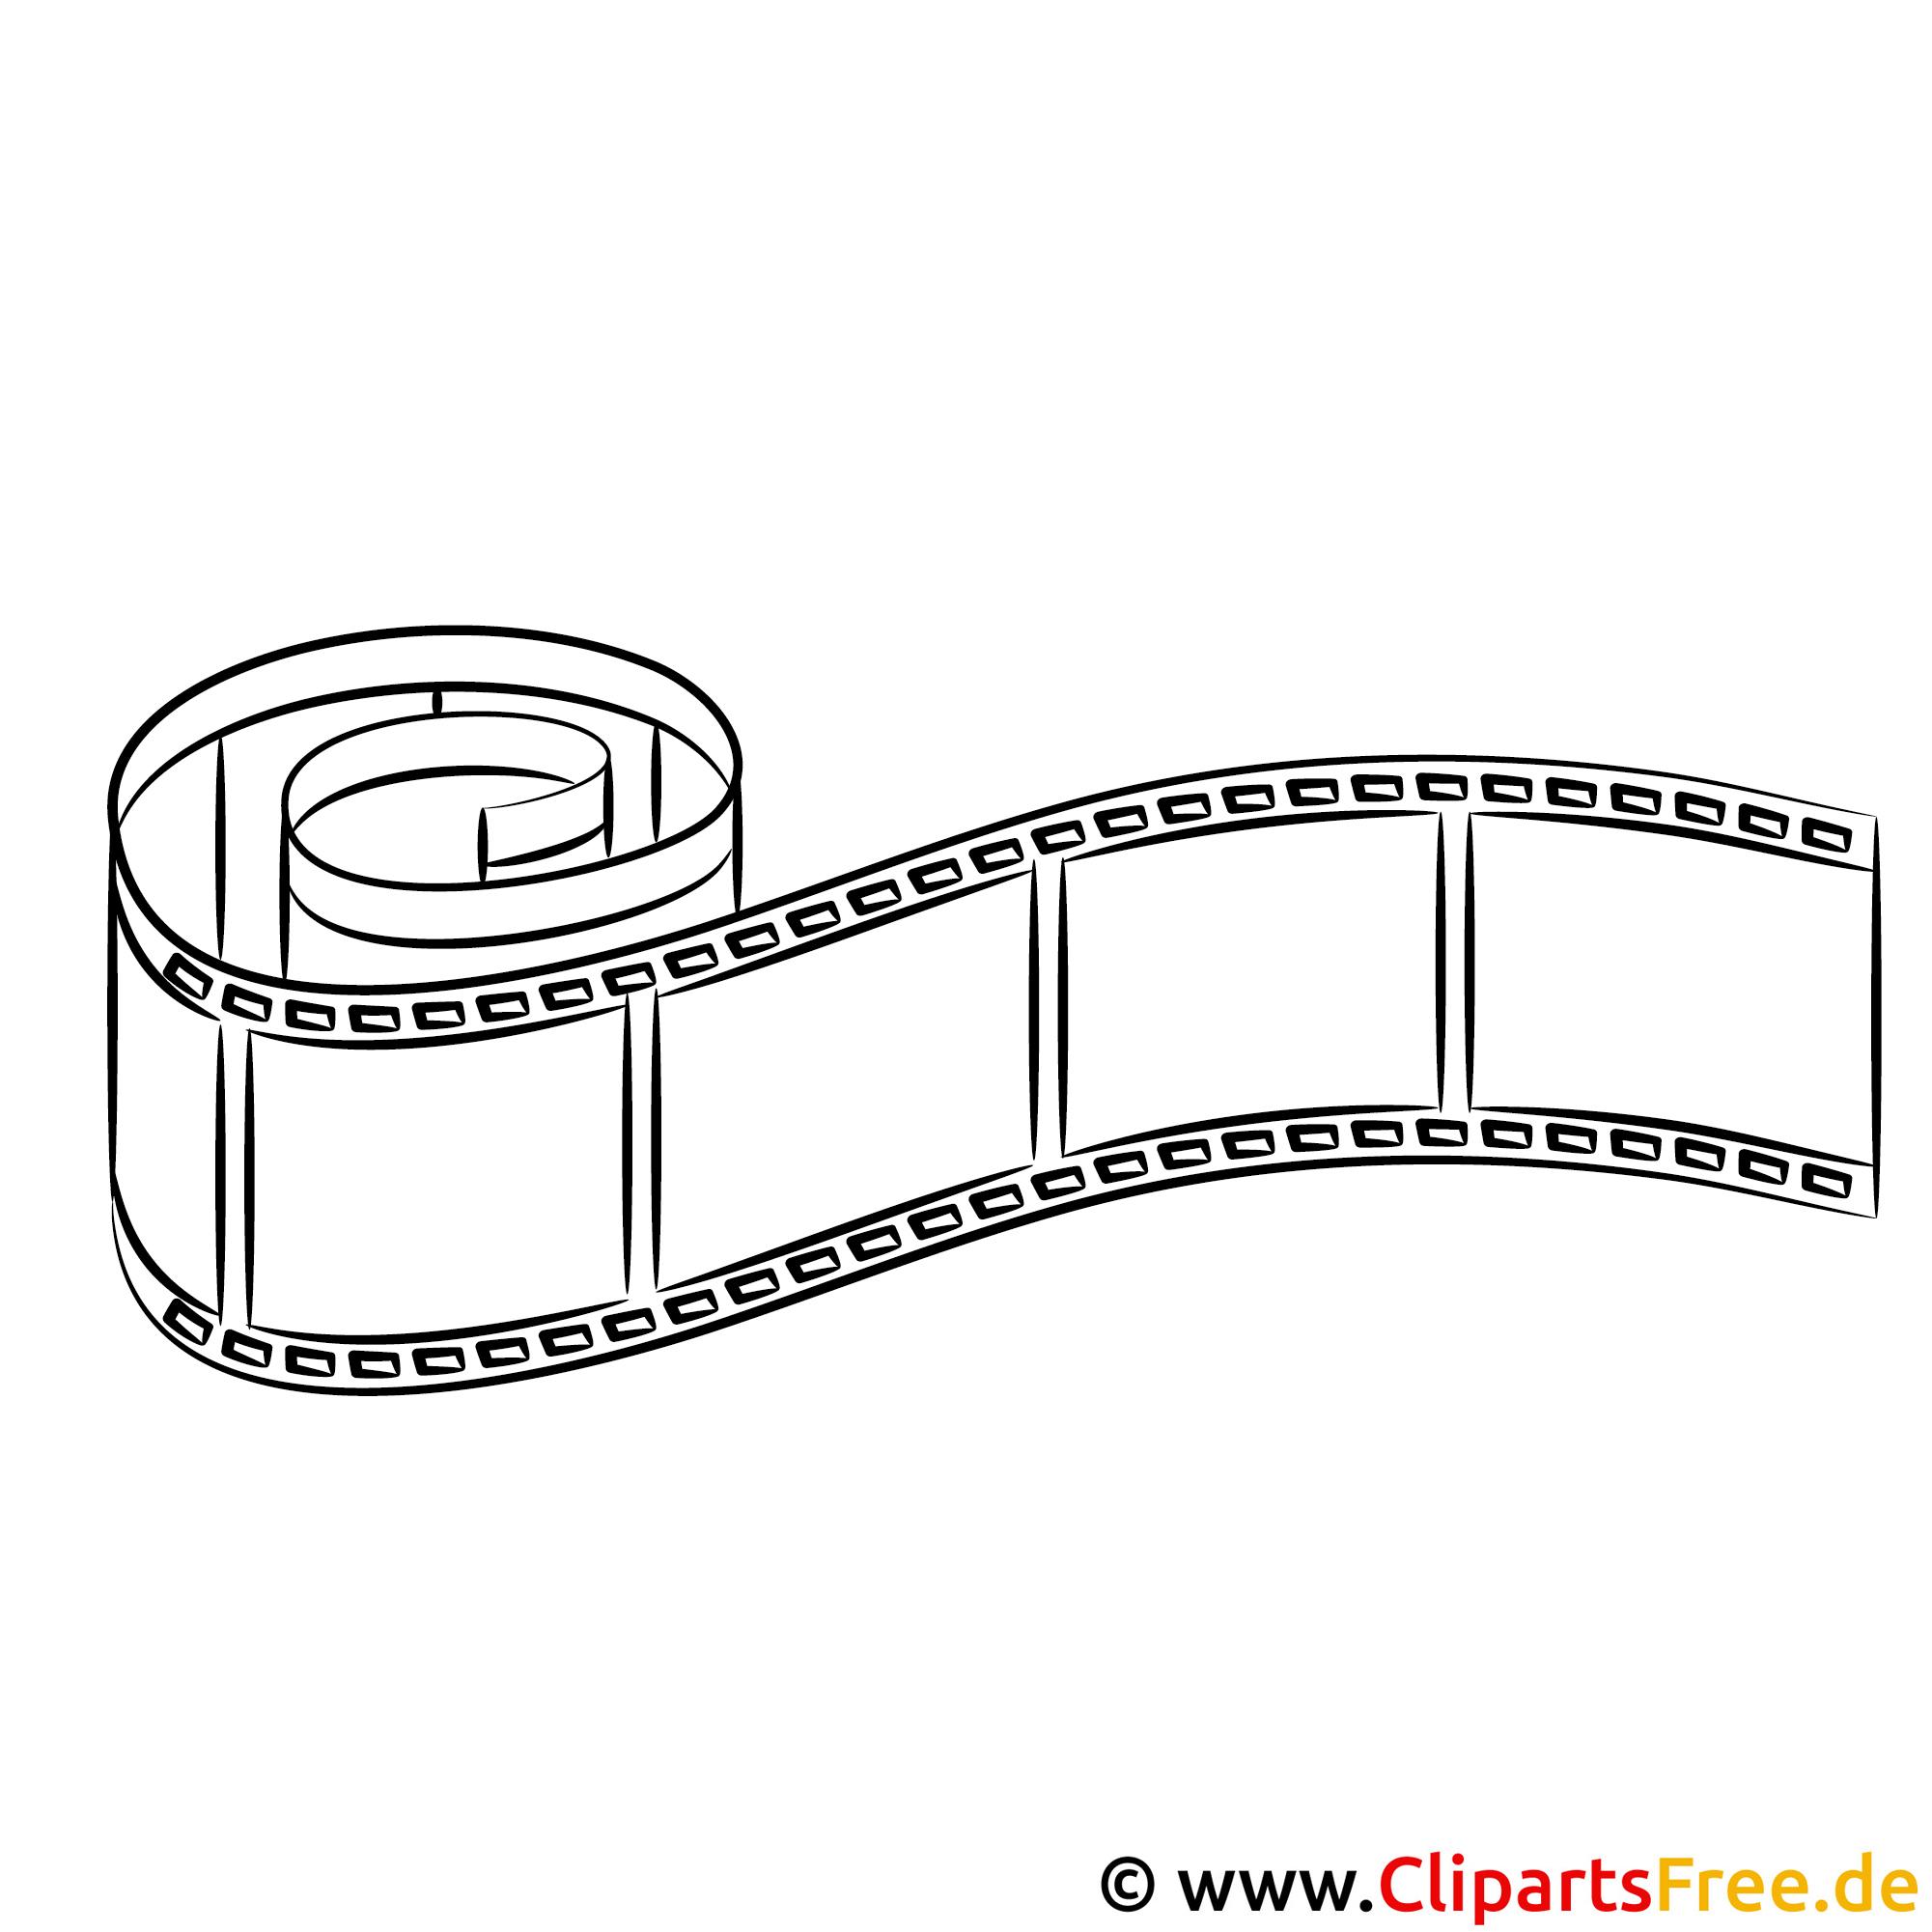 Filmstreifen Bild zum Ausmalen